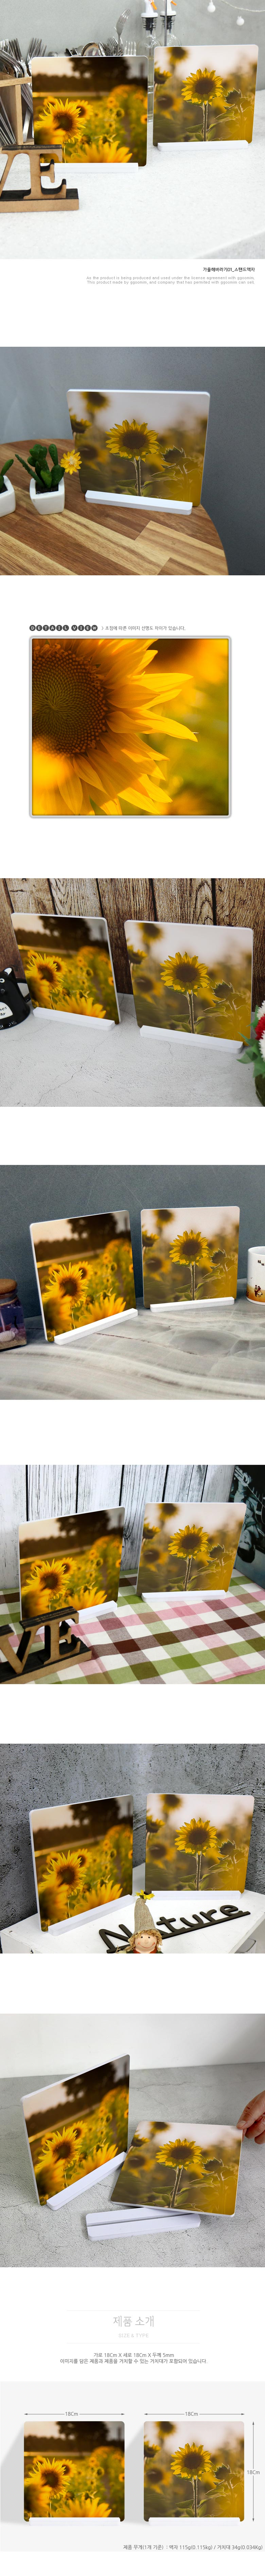 스탠드액자2P_가을해바라기01 - 꾸밈, 16,000원, 홈갤러리, 사진아트